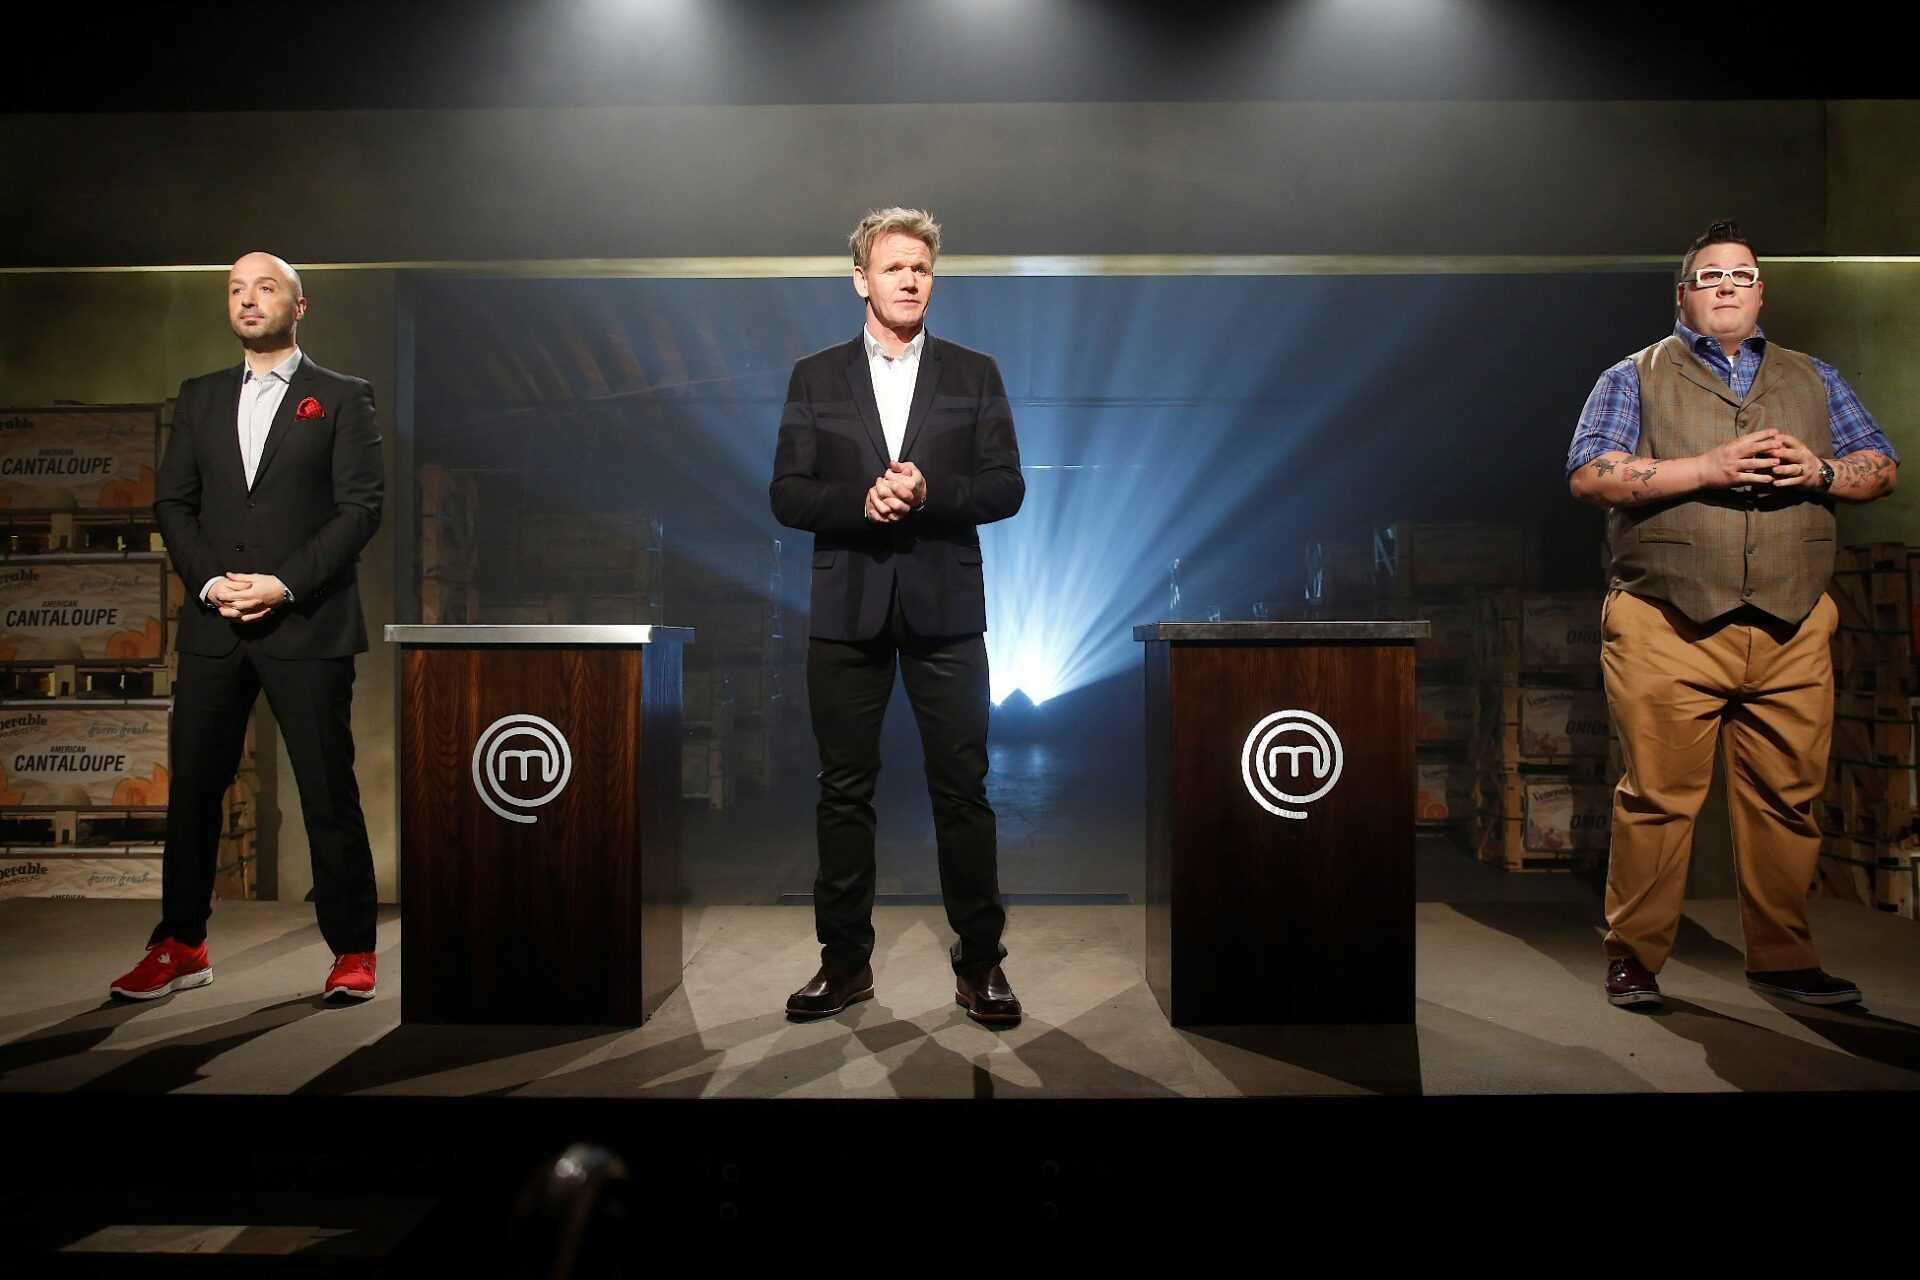 Masterchef USA, la quarta stagione su Cielo in prima tv assoluta in chiaro   Digitale terrestre: Dtti.it